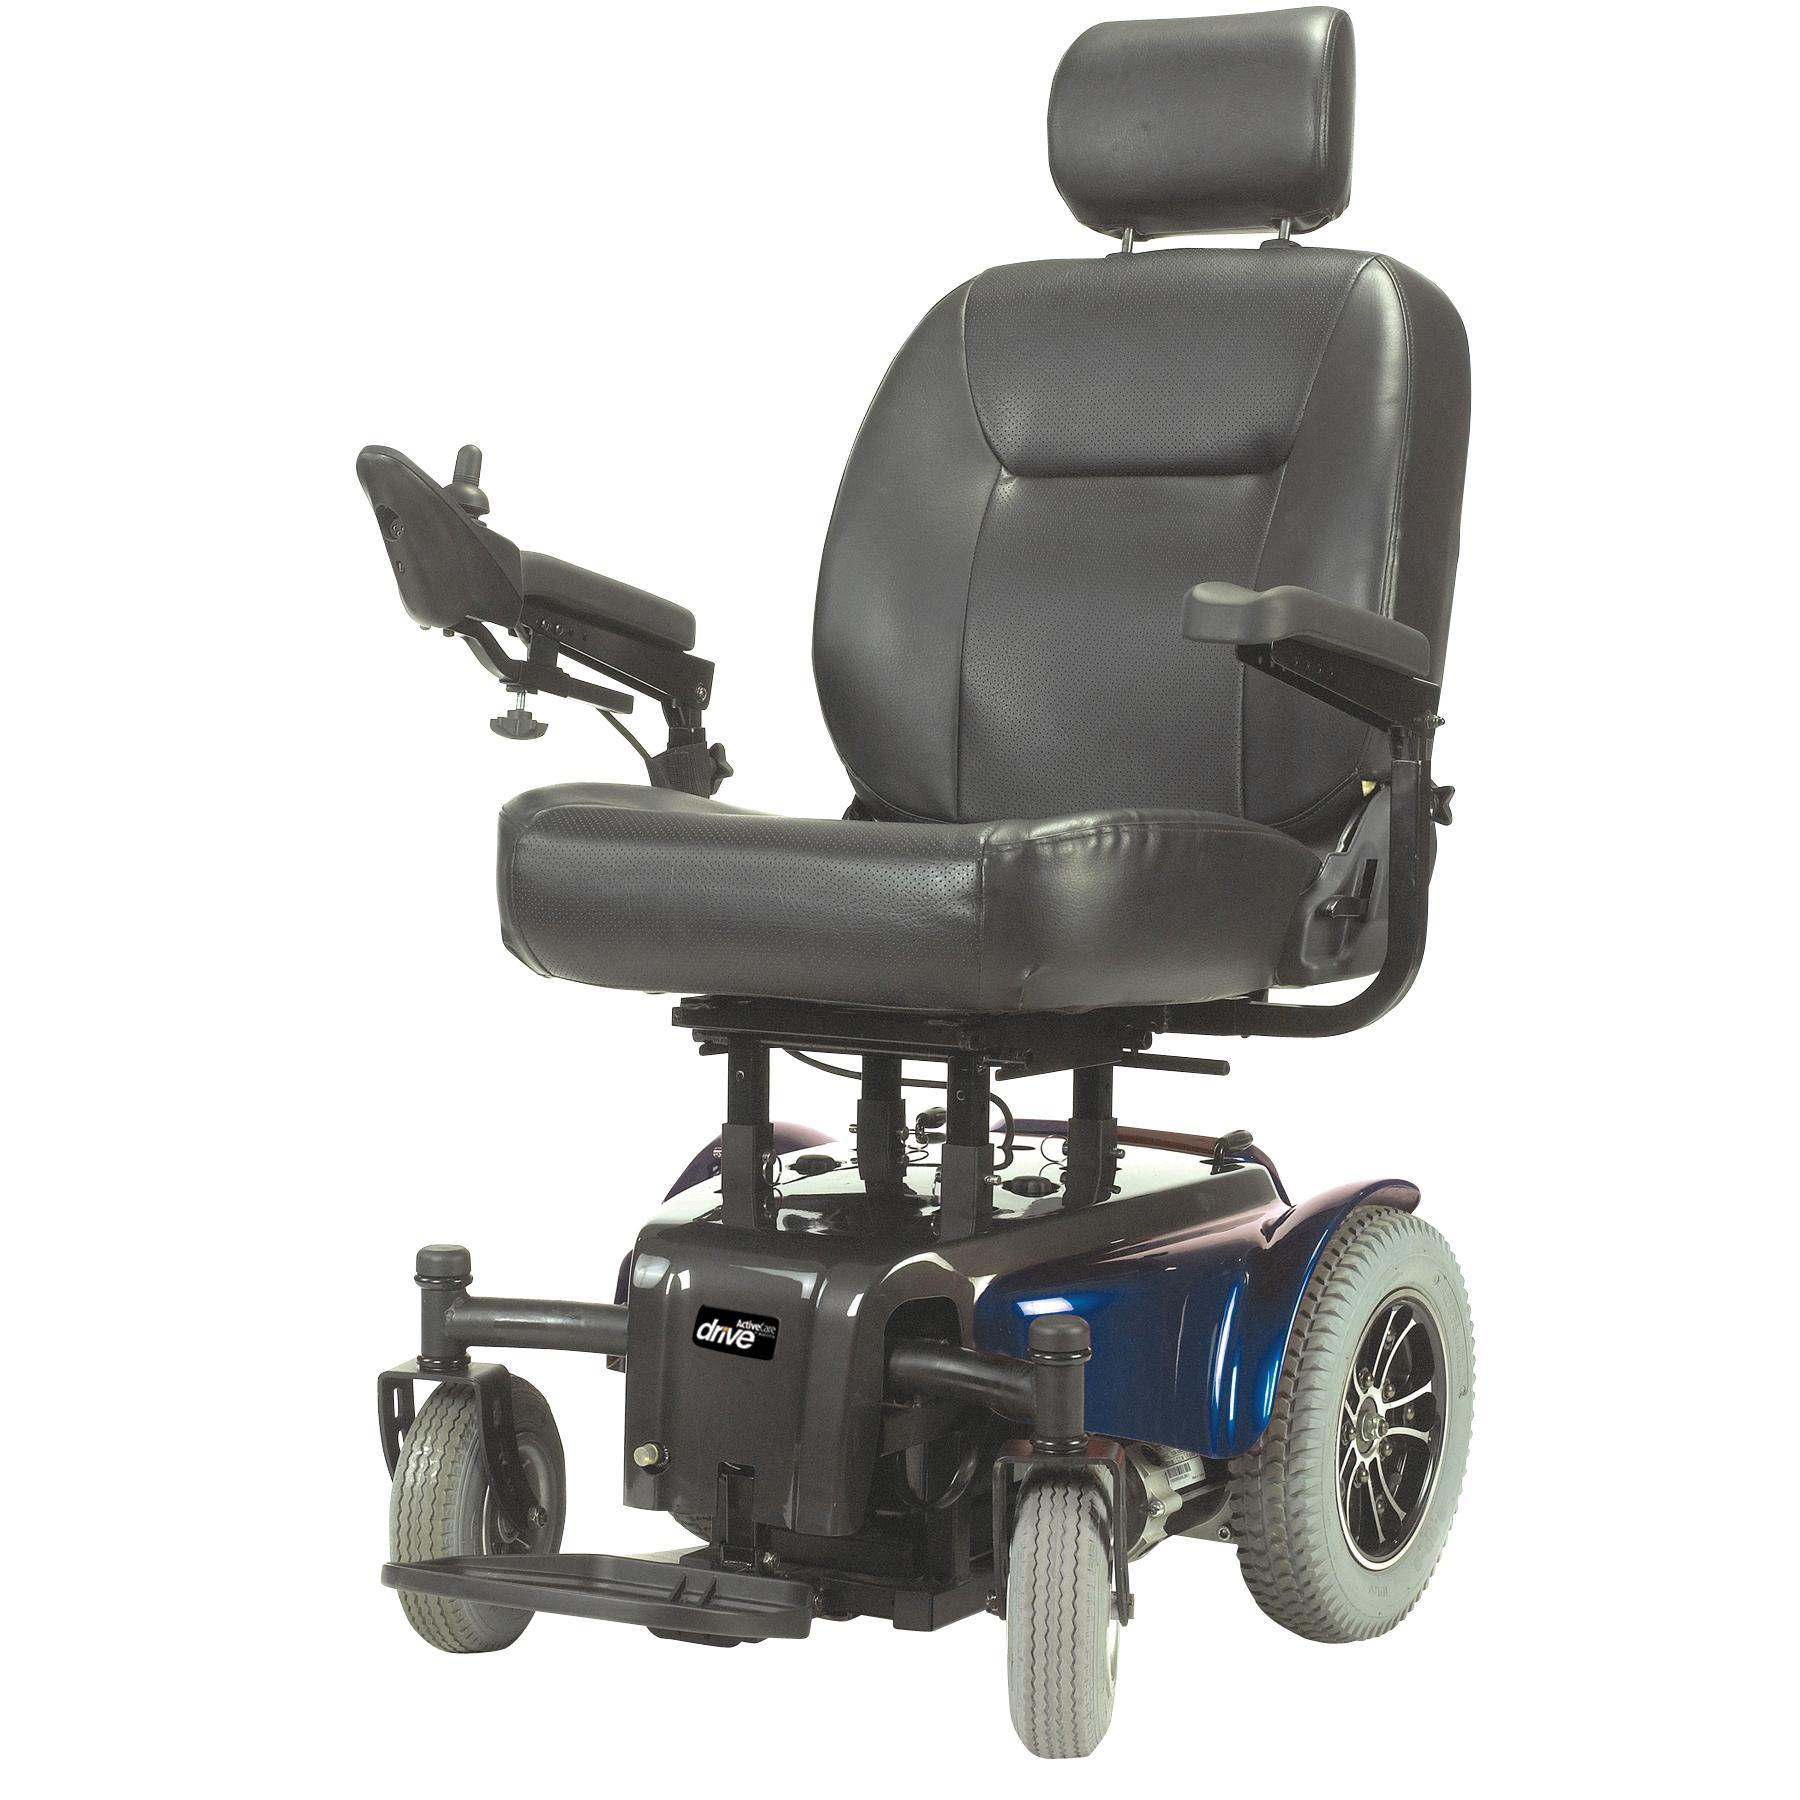 Medalist 450 Blue Heavy Duty Rear Wheel Drive Power Wheelchair - MEDALIST450BL22CS-powerchairmedalist450bl22cs.jpg